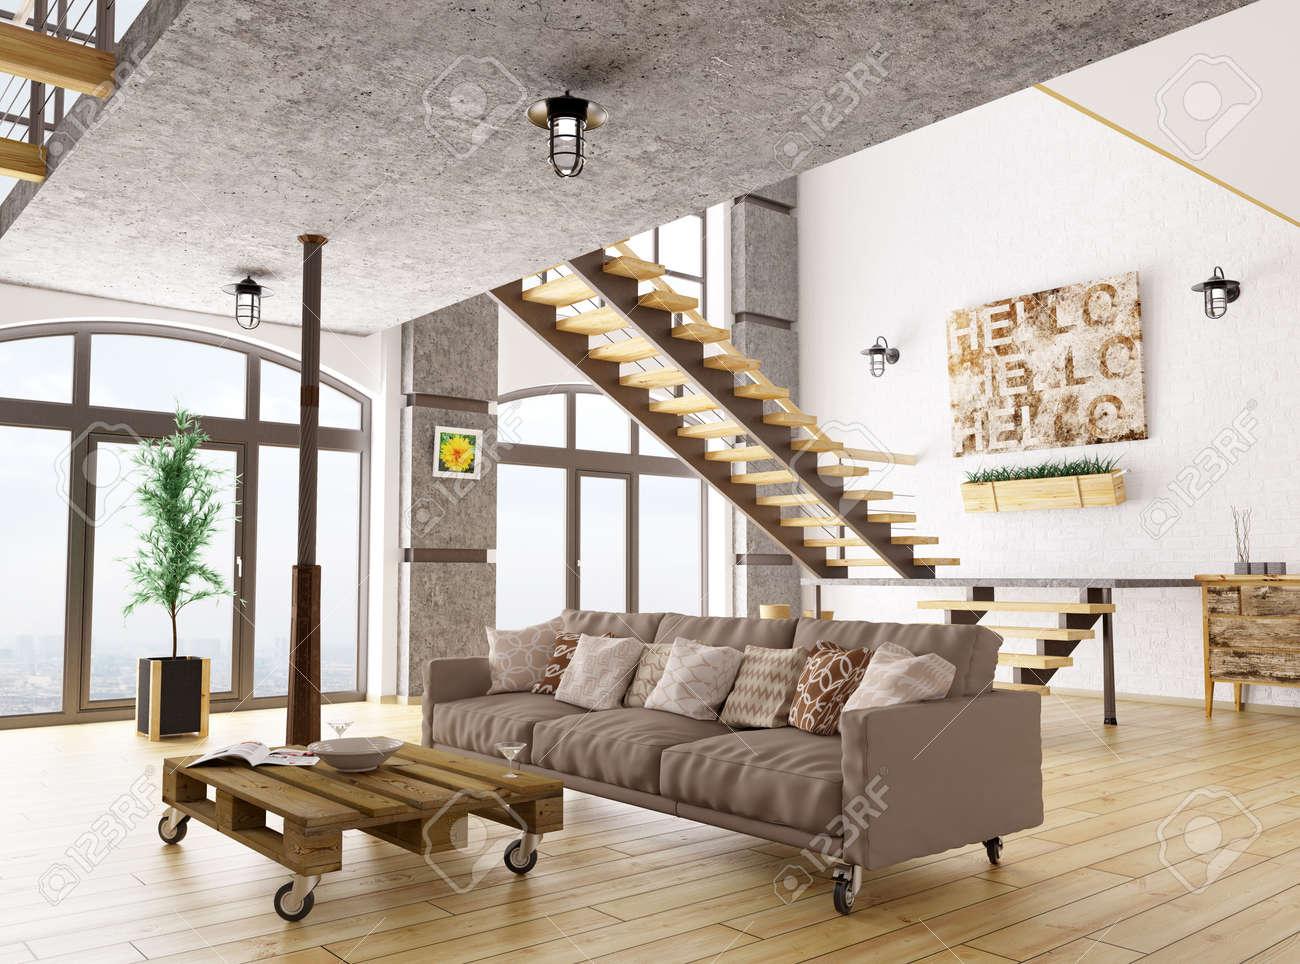 Interieur D Un Salon Avec Canape Escalier 3d Render